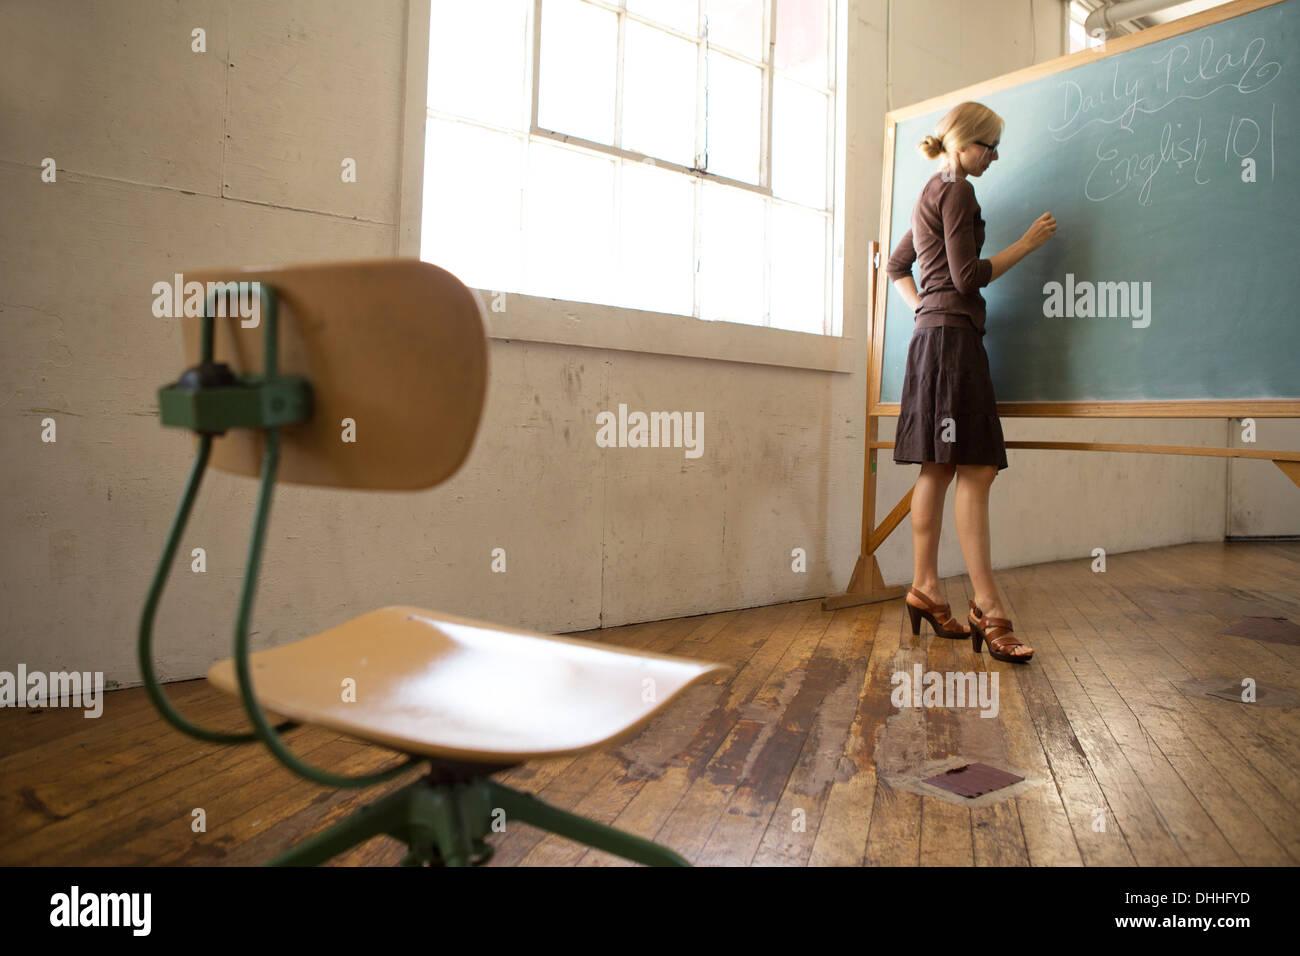 Insegnante scrivere sulla lavagna con sedia vuota in primo piano Immagini Stock